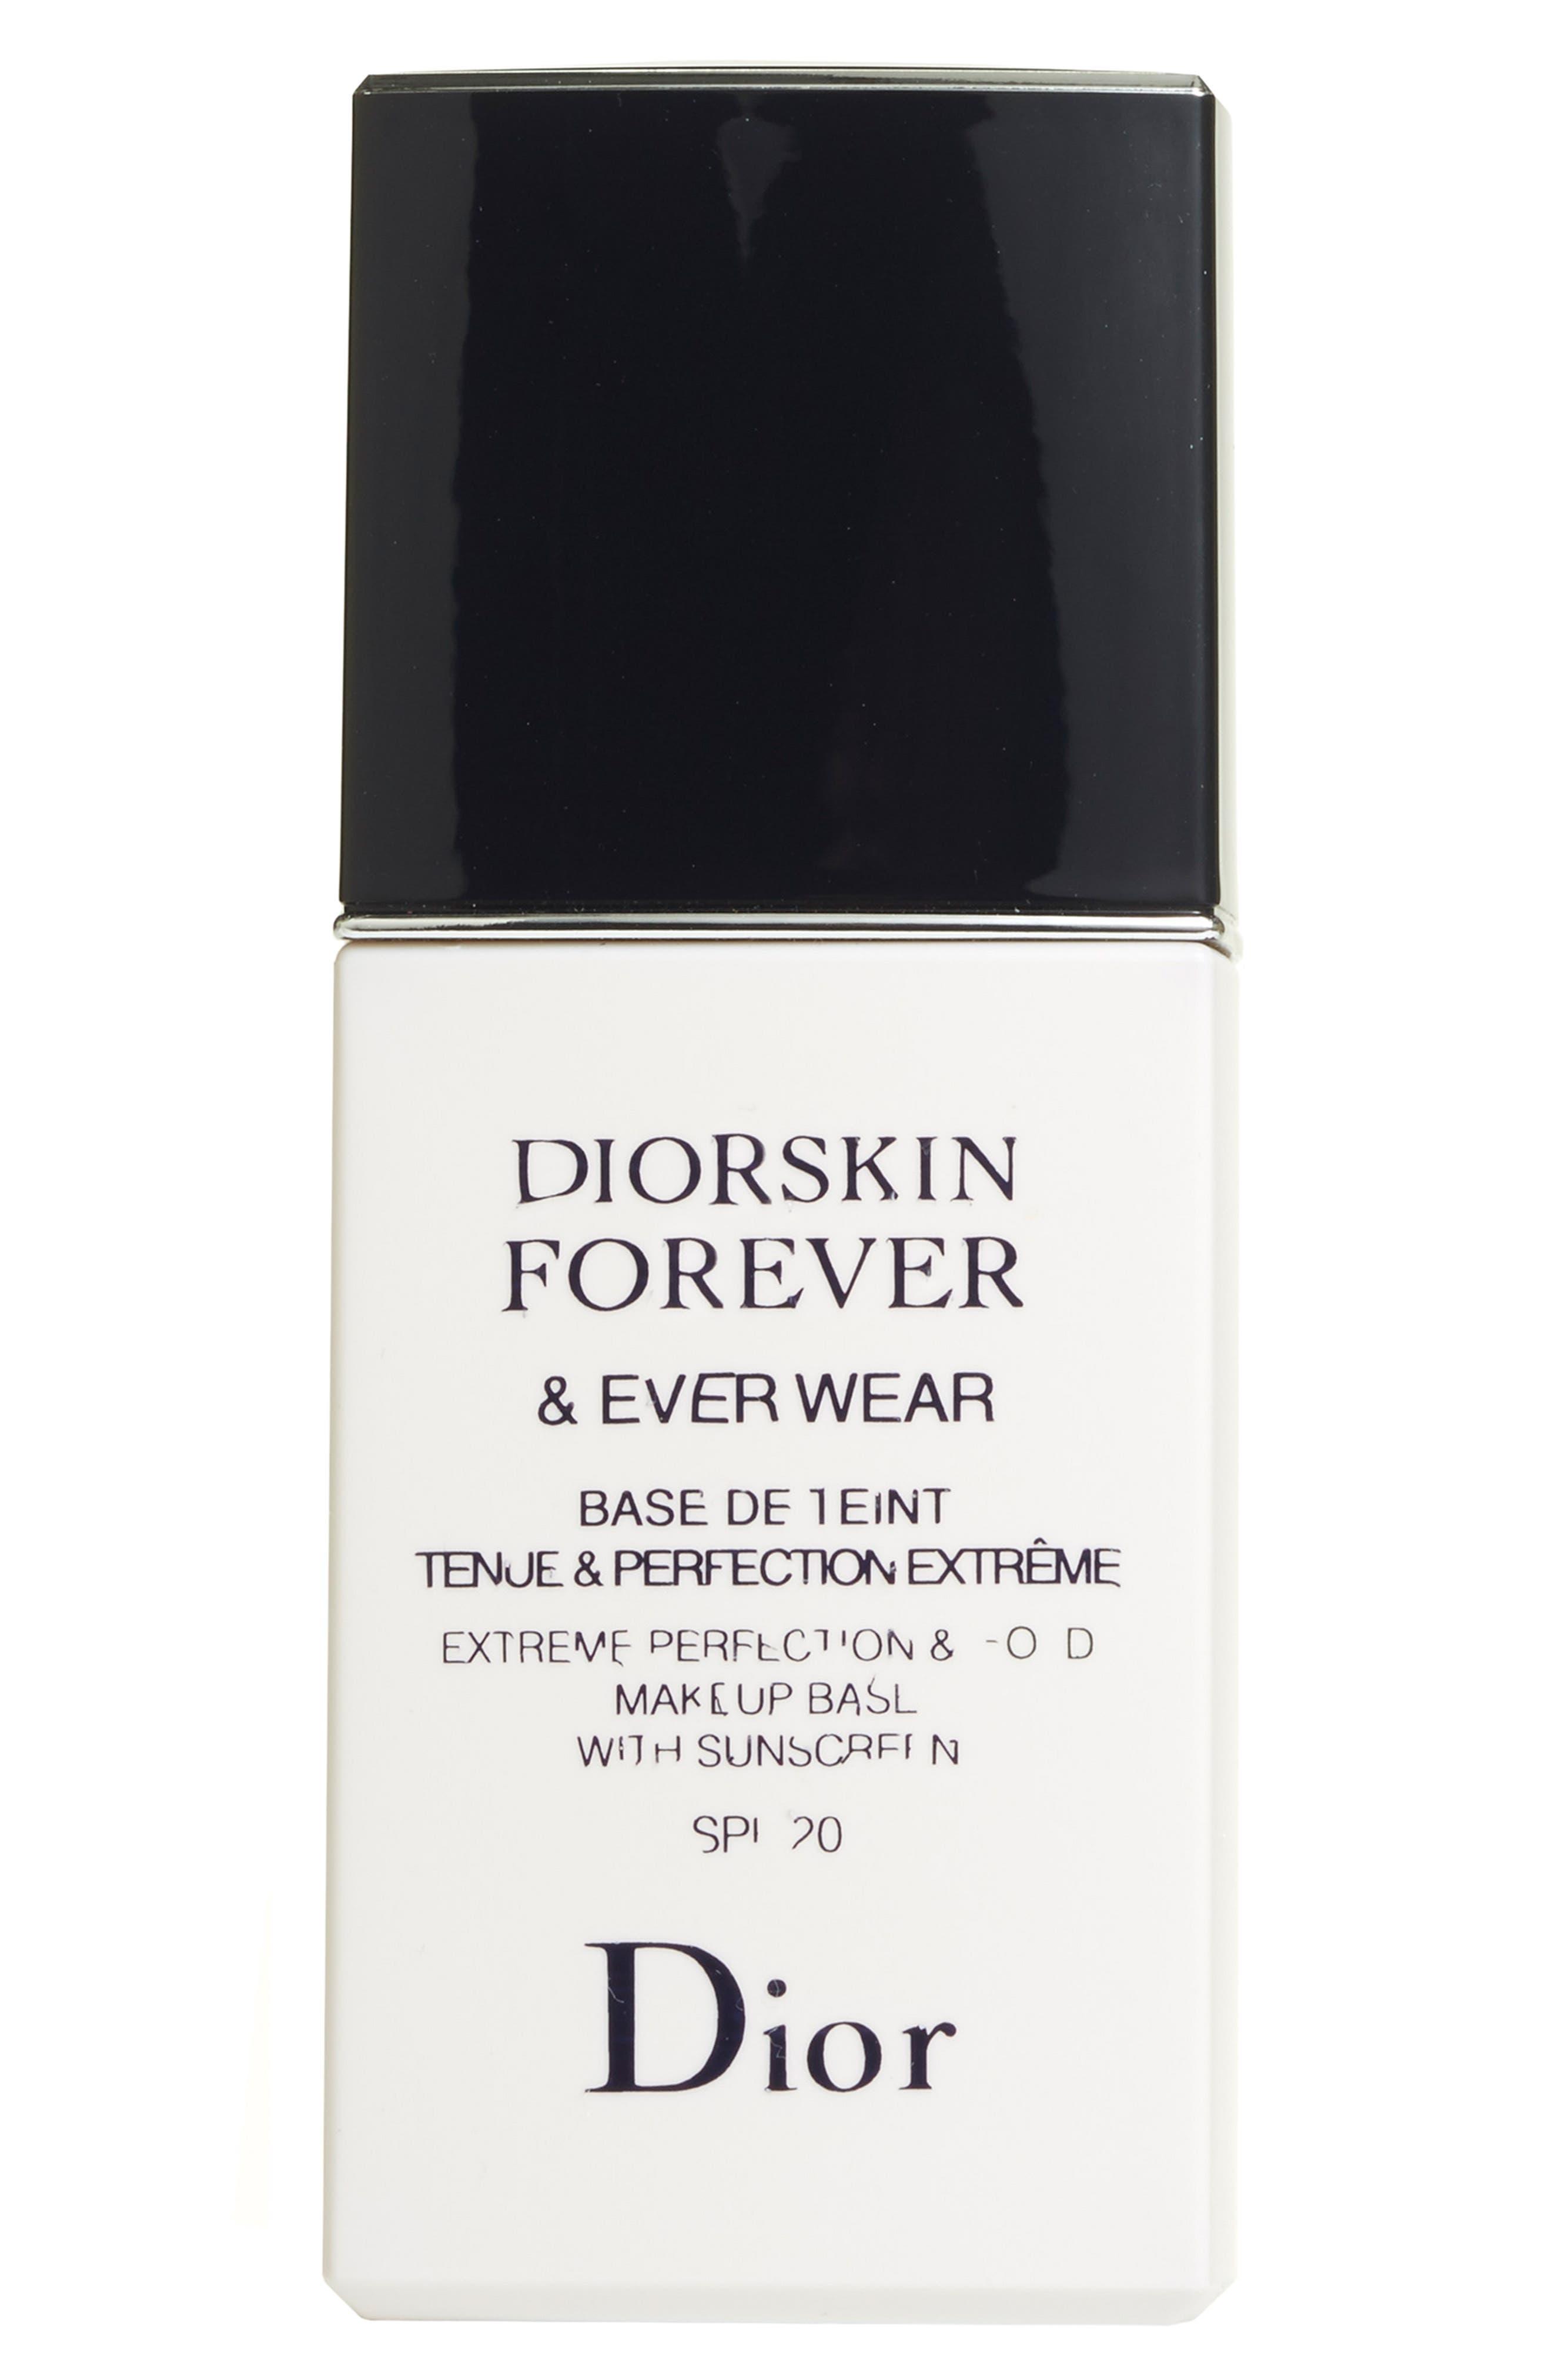 Diorskin Forever & Ever Wear Makeup Primer SPF 20,                             Alternate thumbnail 3, color,                             NO COLOR